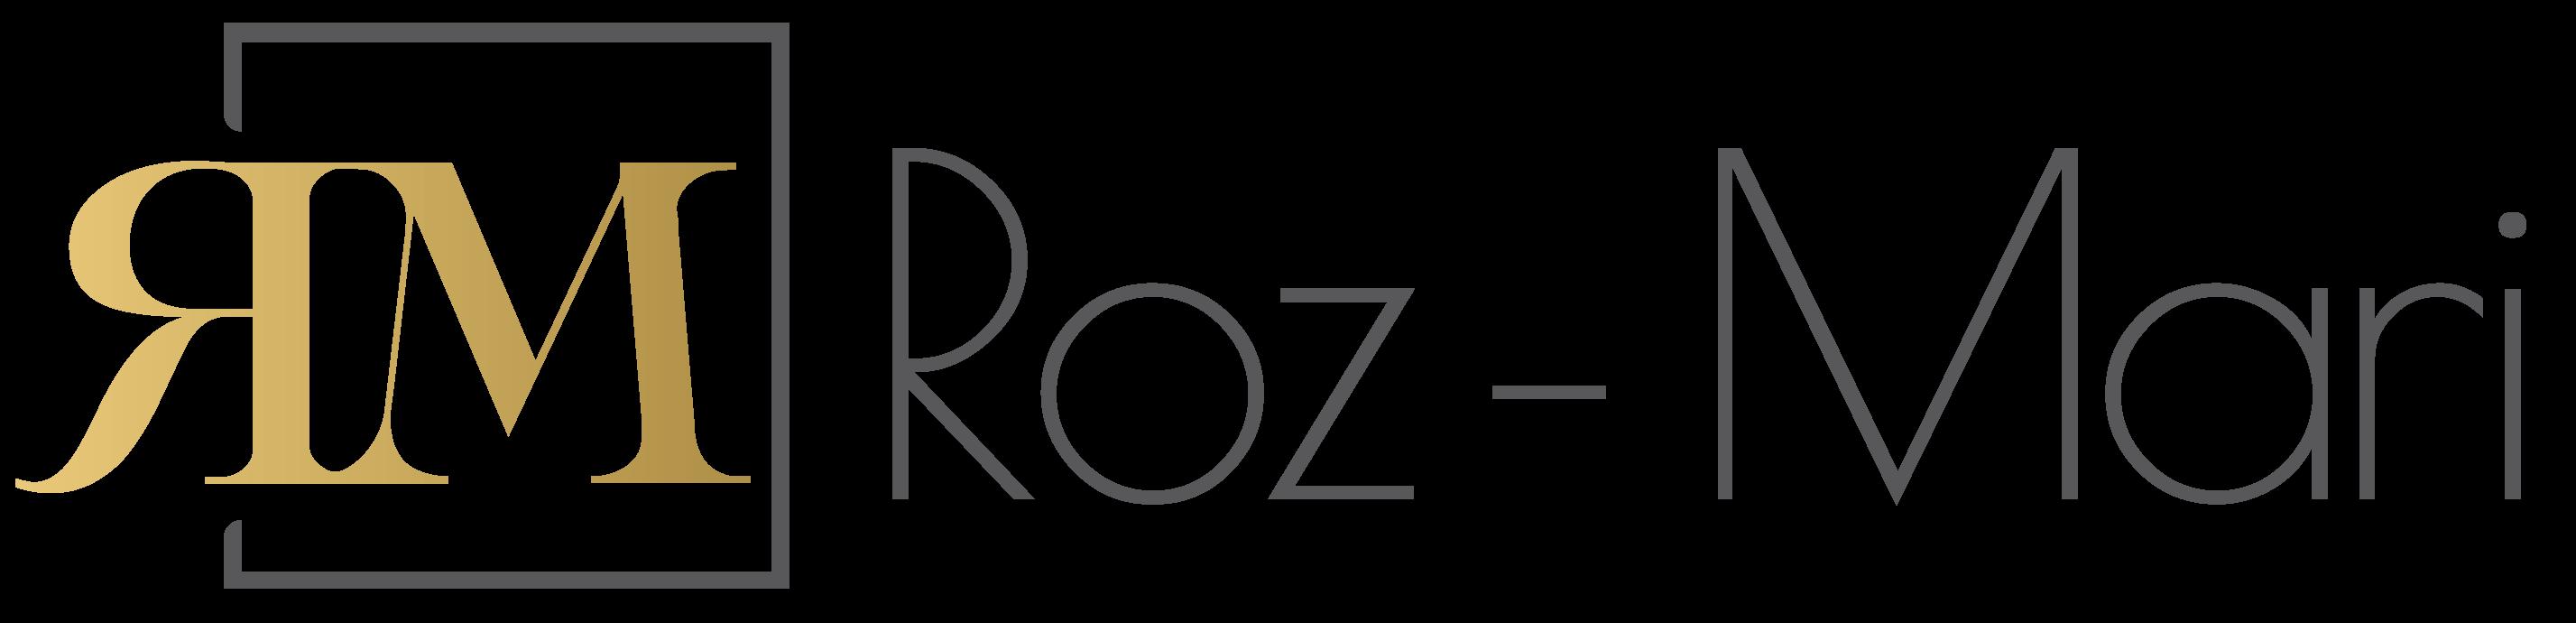 Roz-mari